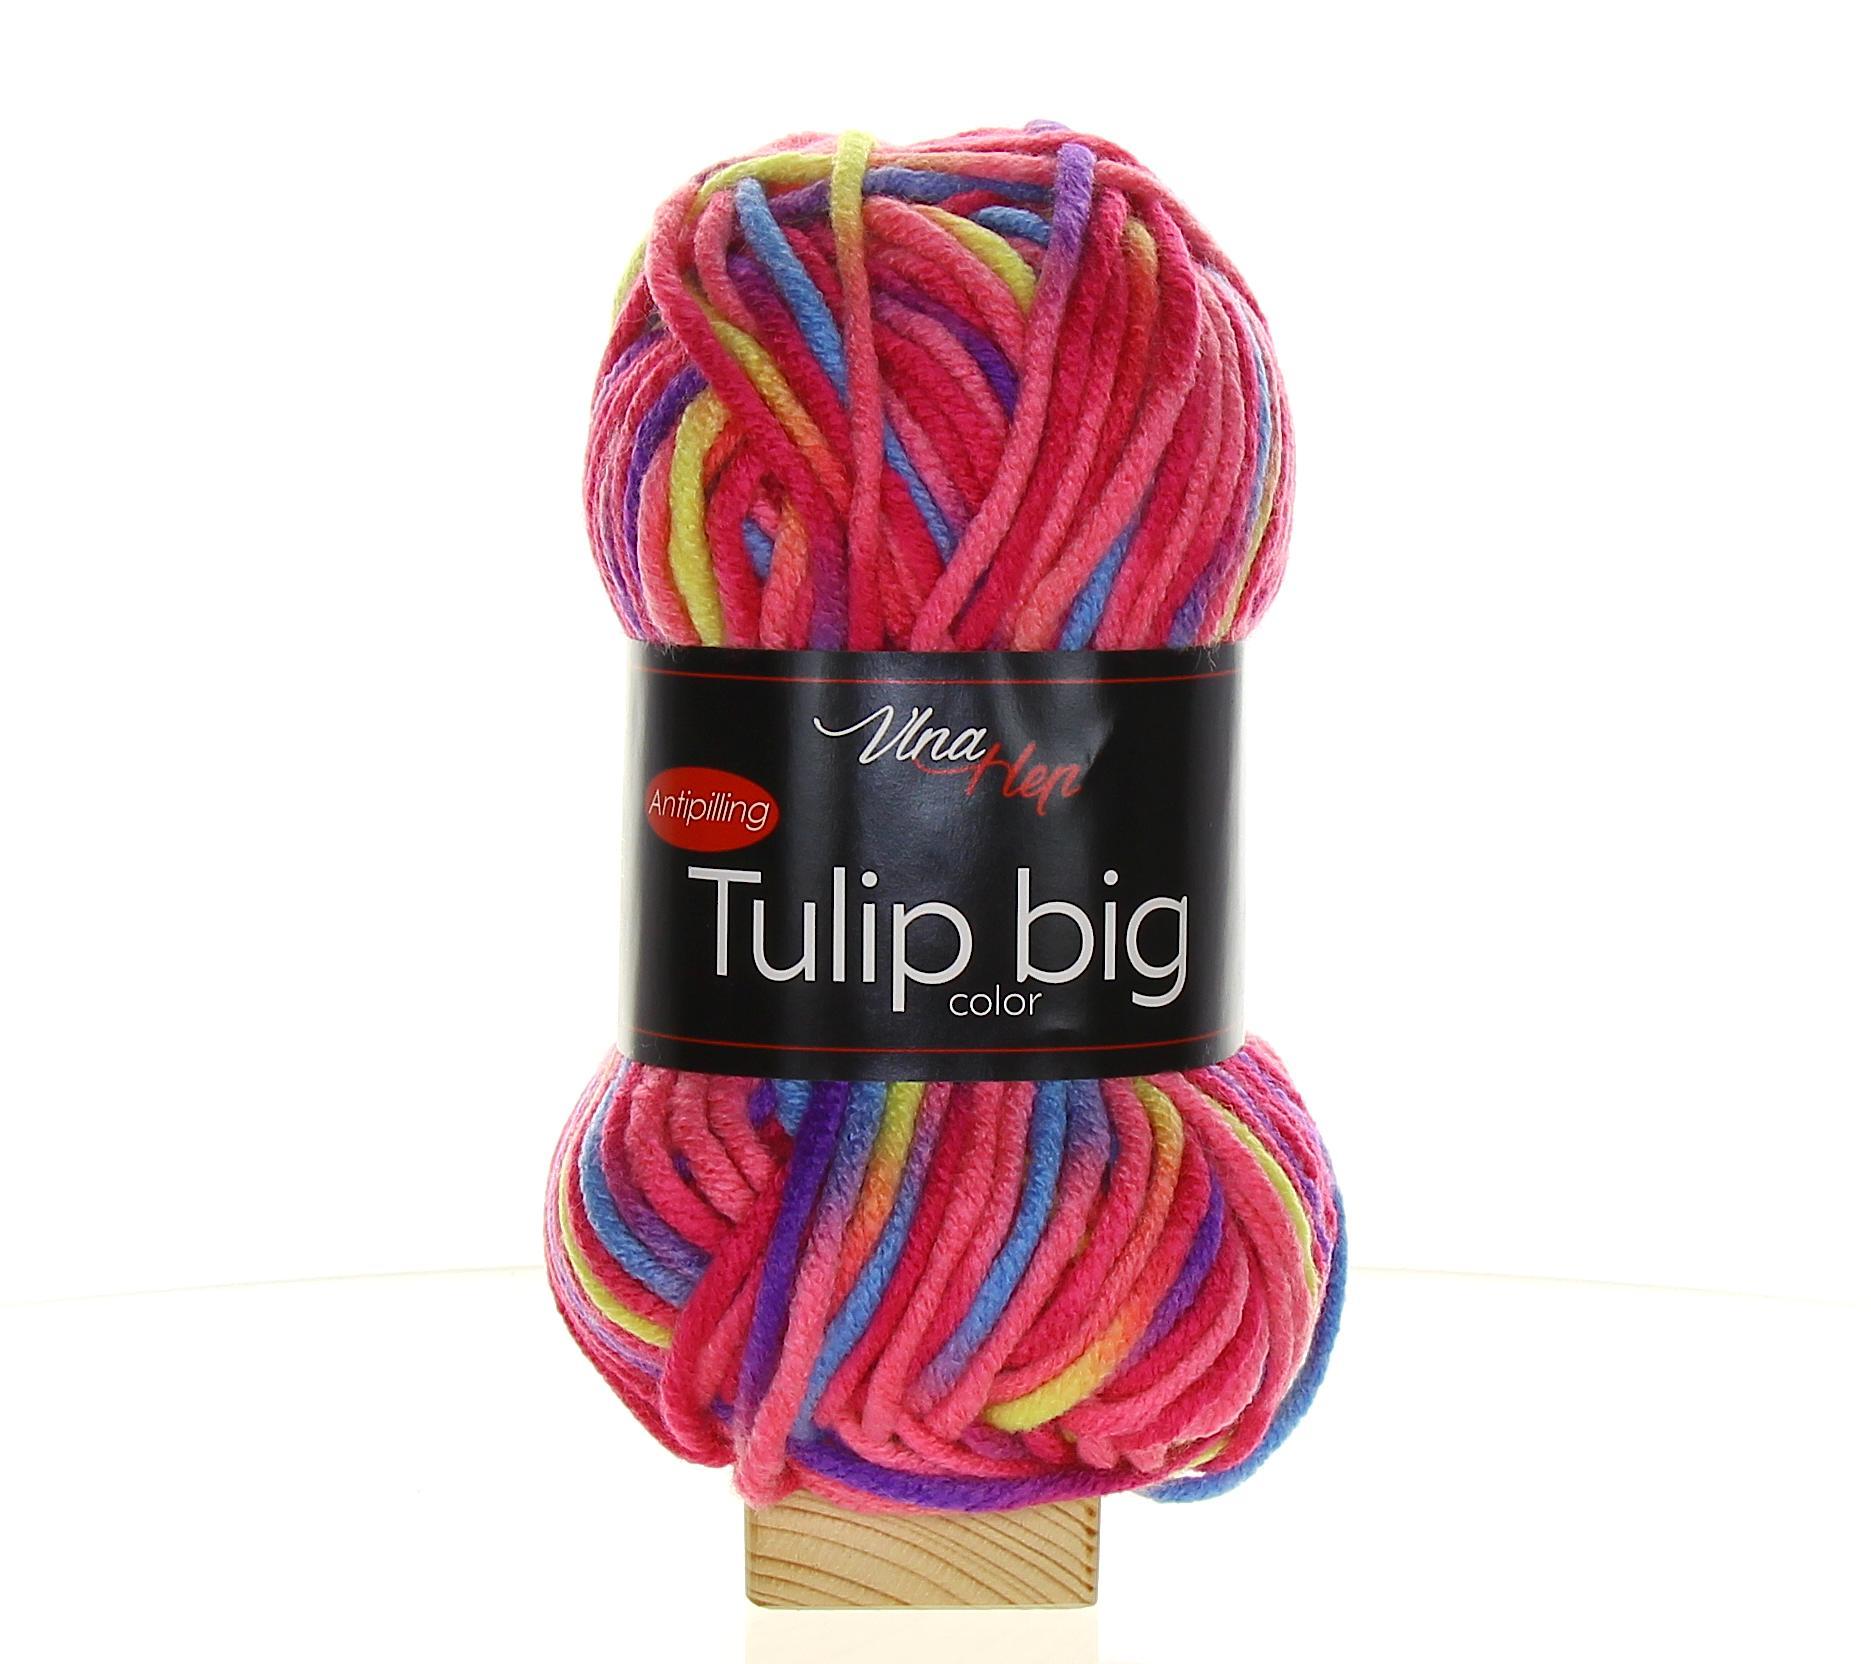 Tulip Big Color